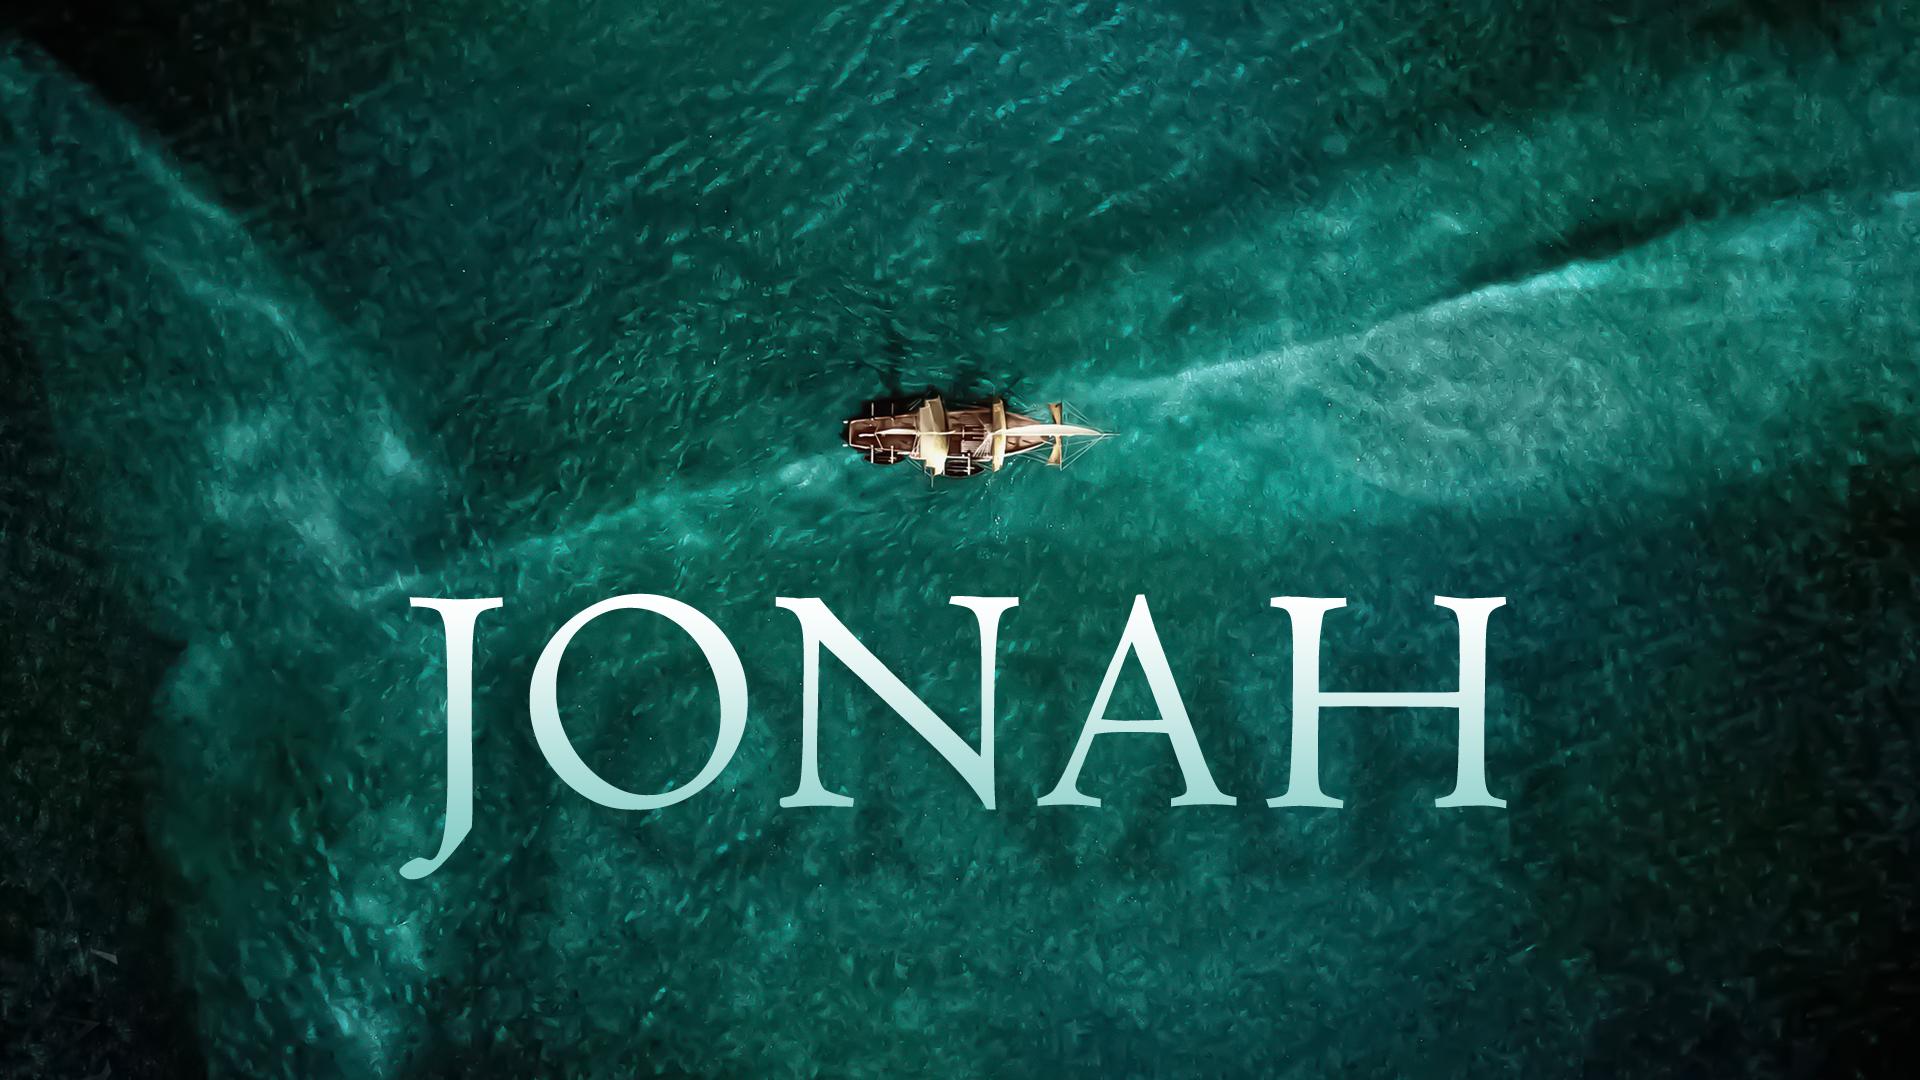 Jonah-Sermon-Series-Idea.jpg